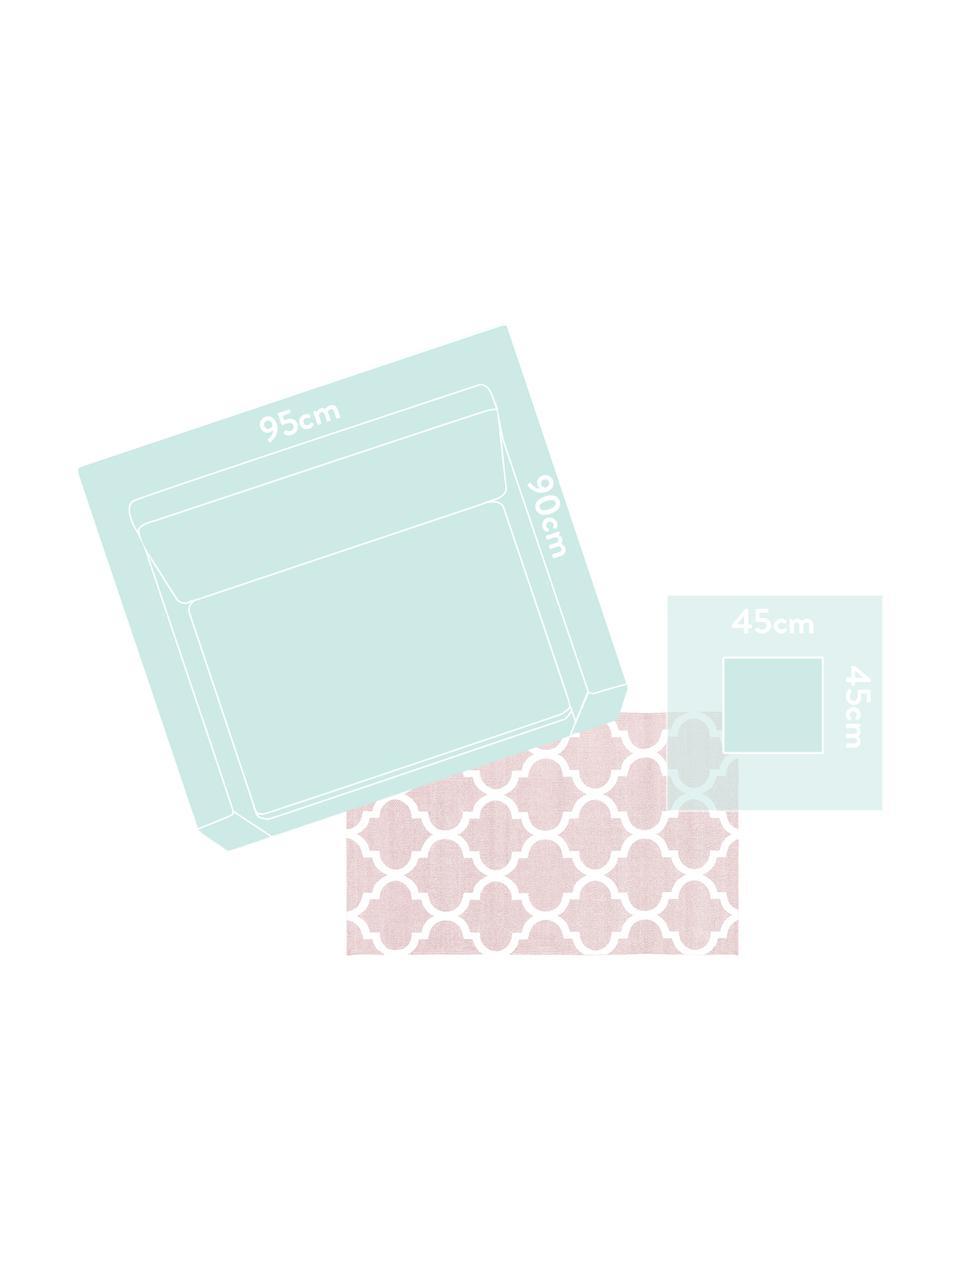 Dun  katoenen vloerkleed Amira in roze/wit, 100% katoen, Roze, crèmewit, B 200 x L 300 cm (maat L)